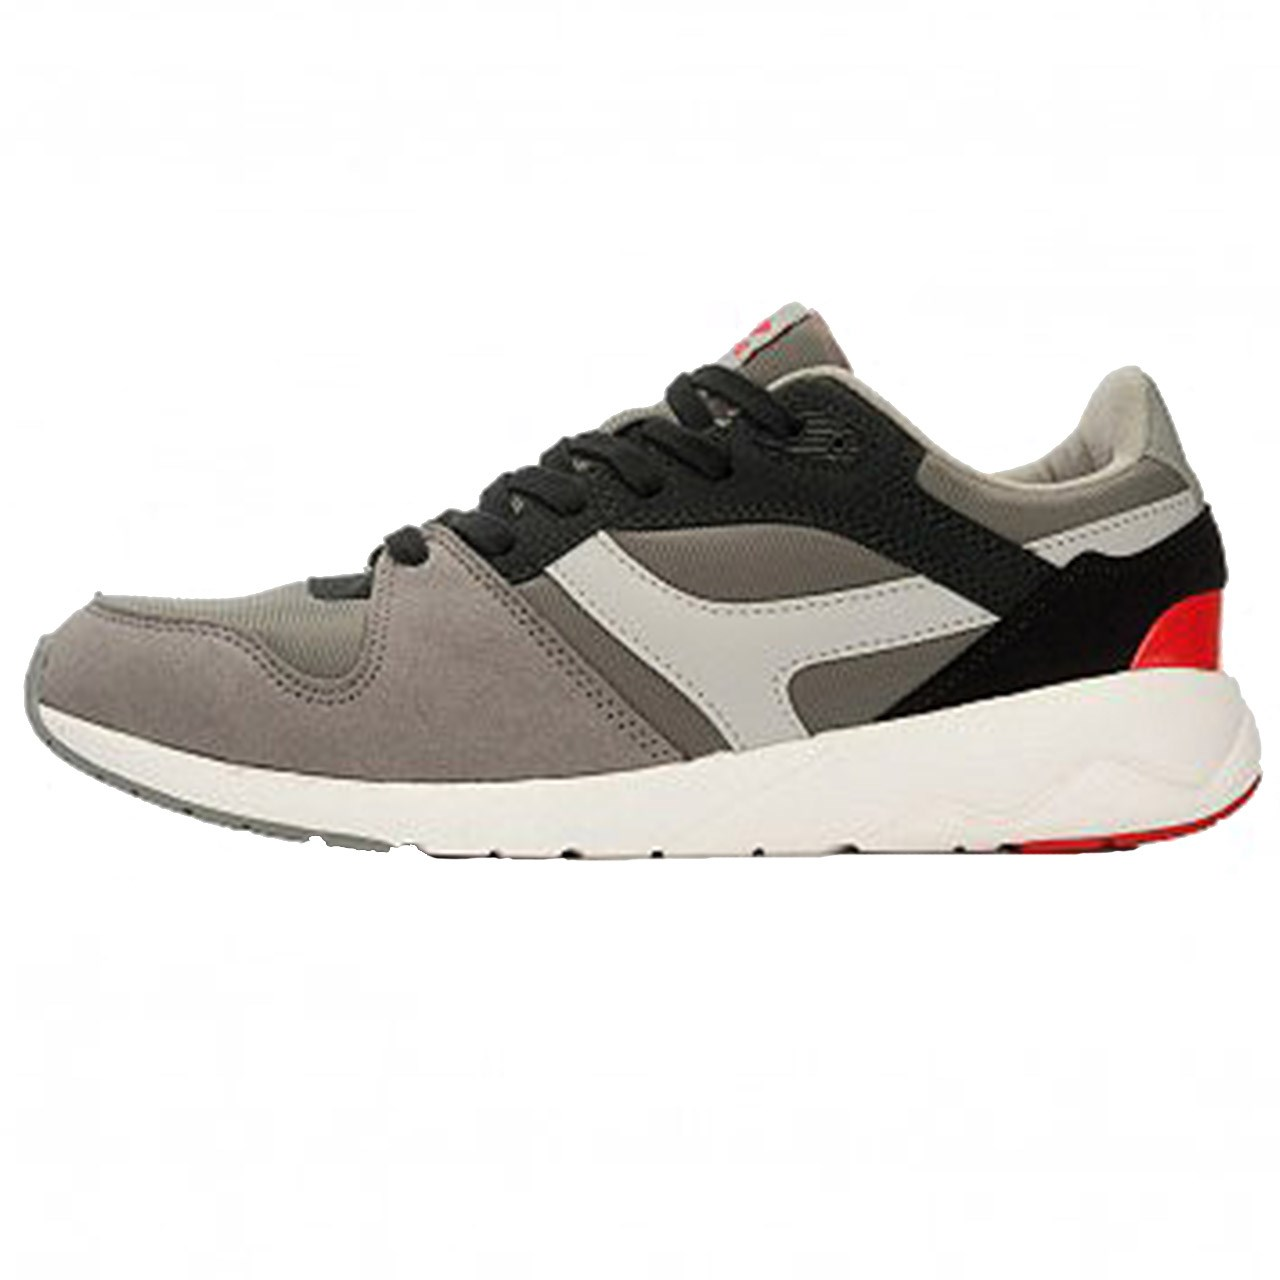 کفش مخصوص دویدن مردانه لی نینگ مدل ARCL017-2